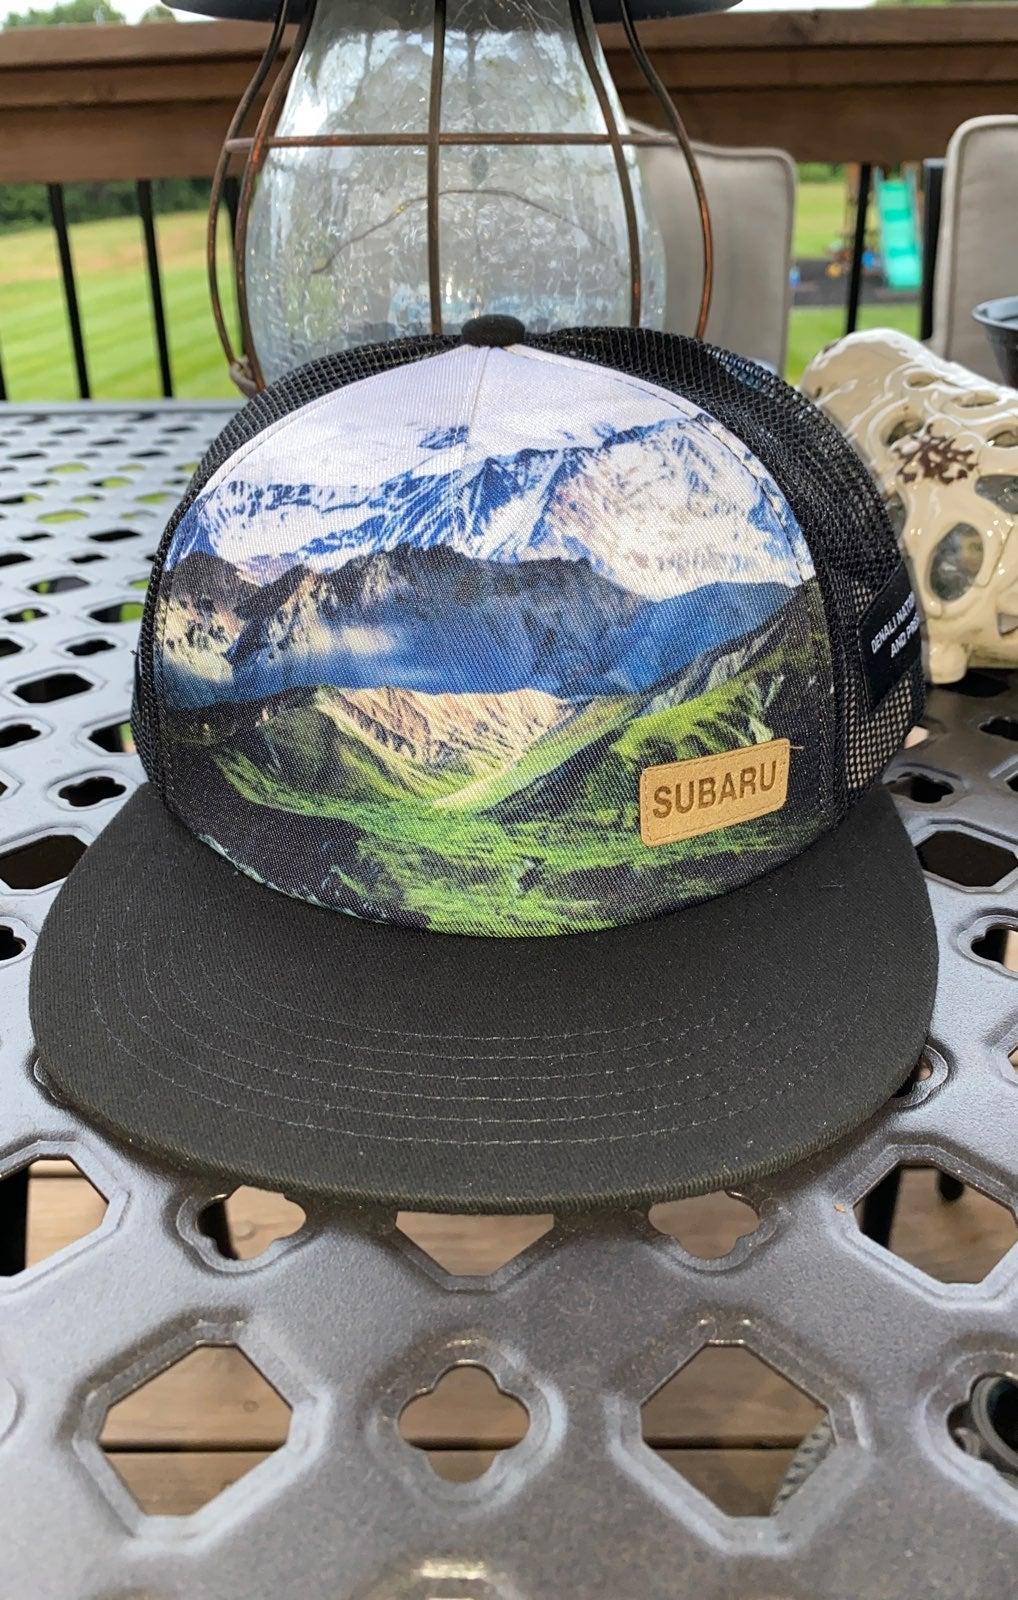 Subaru Denali National Park flat bill ha